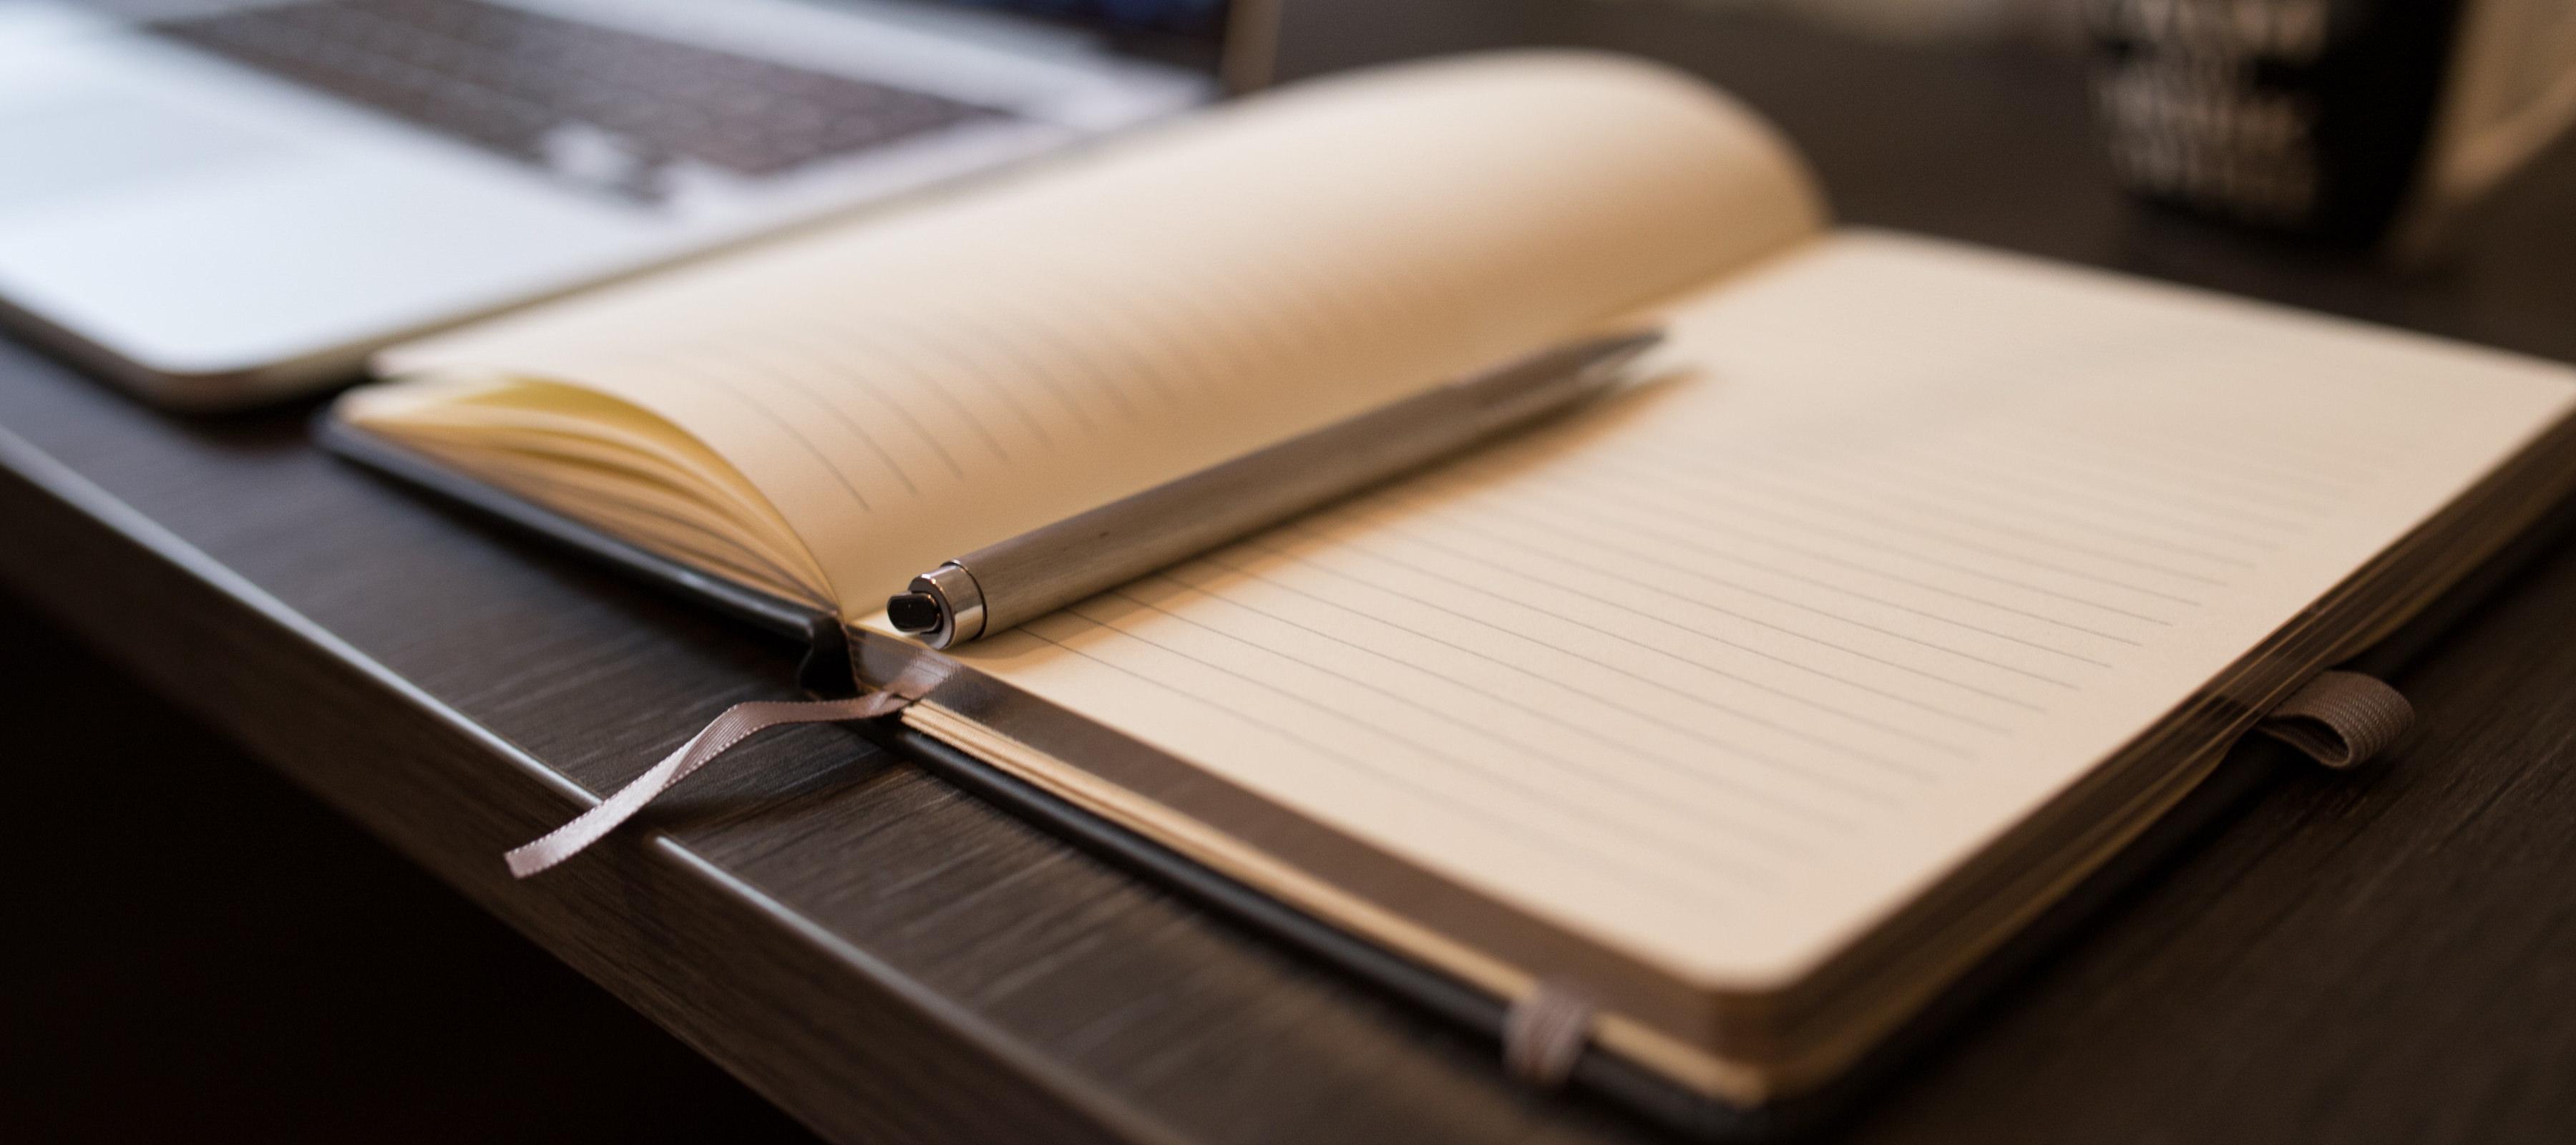 Notebook on a Desk